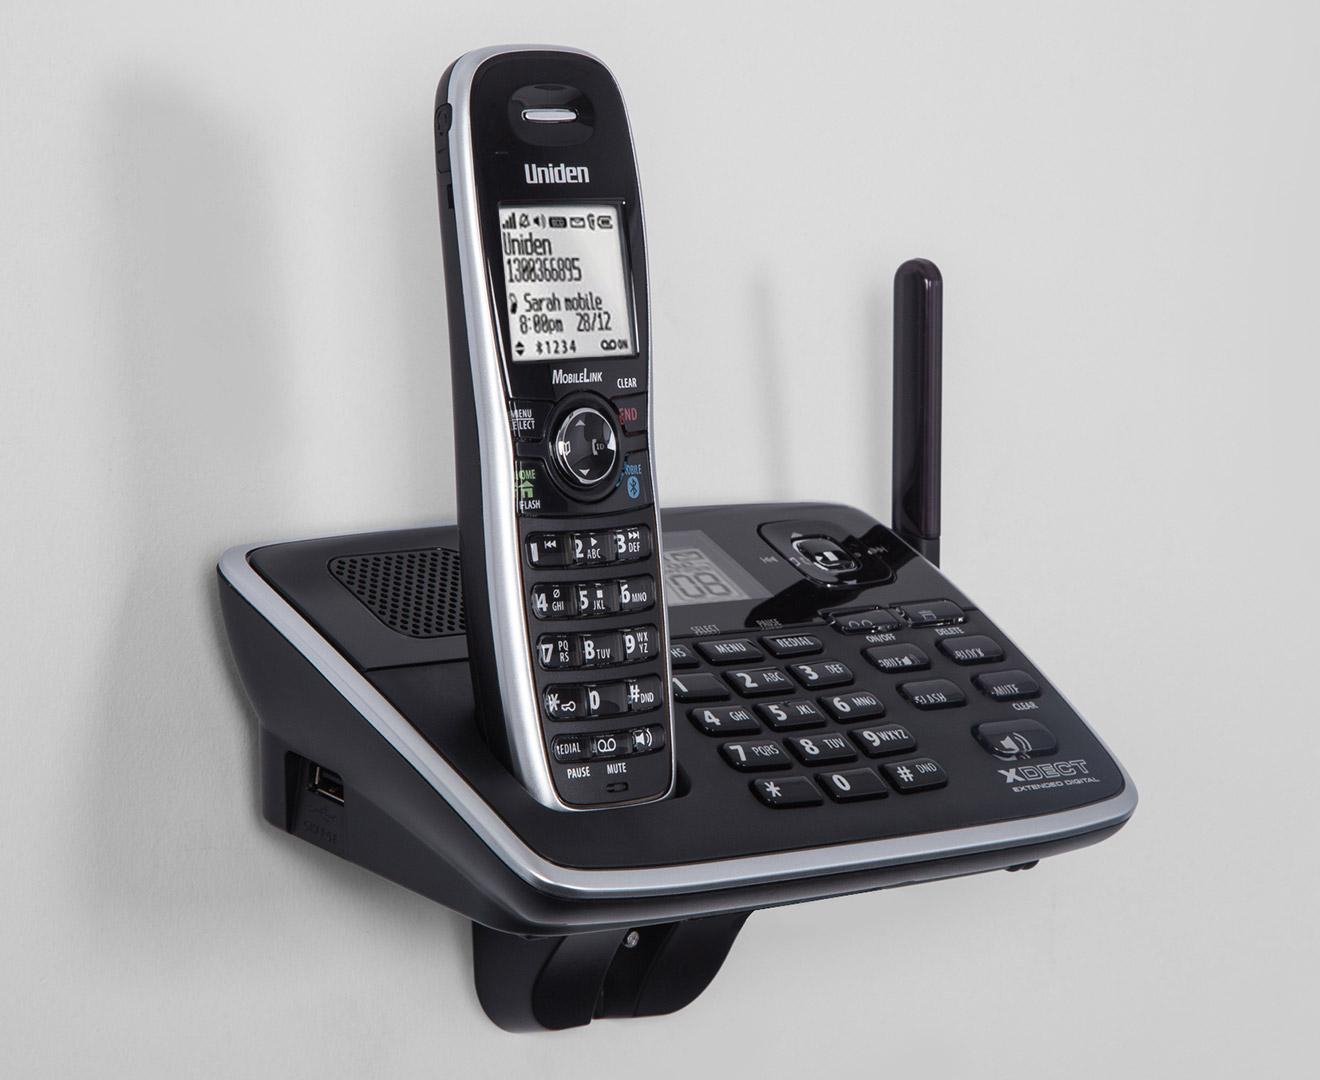 Uniden XDECT 8155+1 Bluetooth Cordless Phone System - Black | Catch.com.au